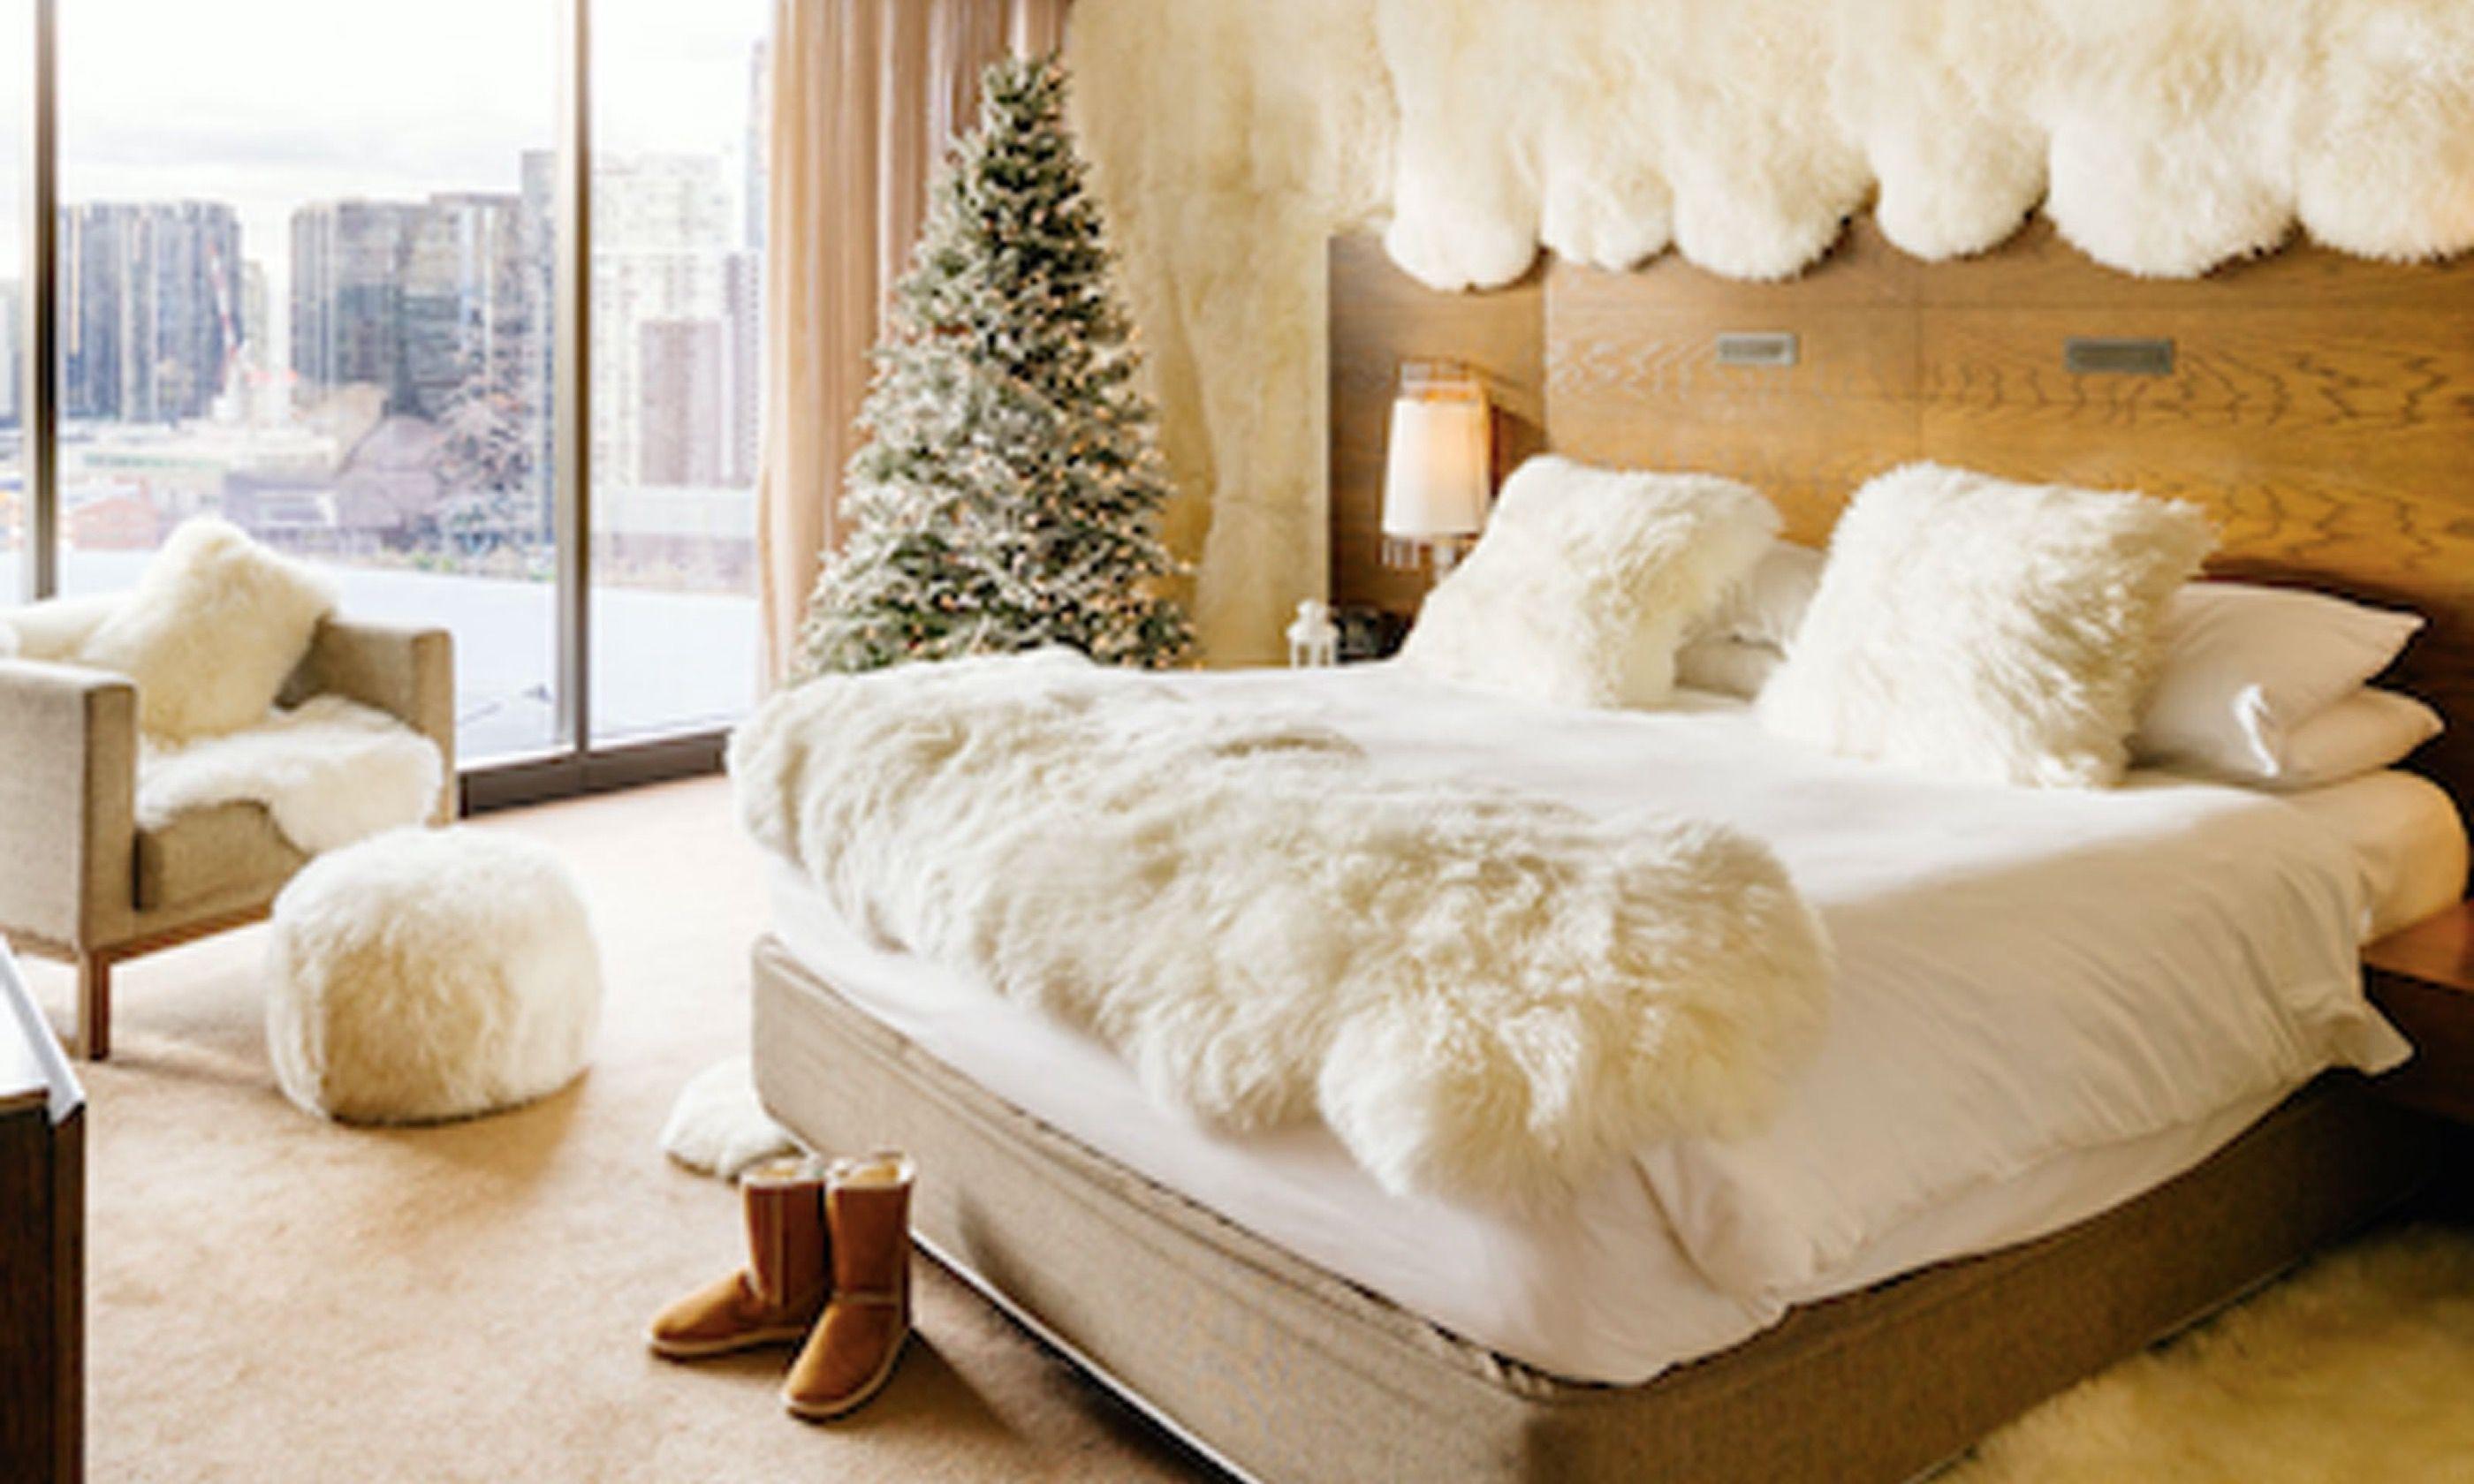 Ugg Winter Wonderland room at the Melbourne Hilton (Hilton)